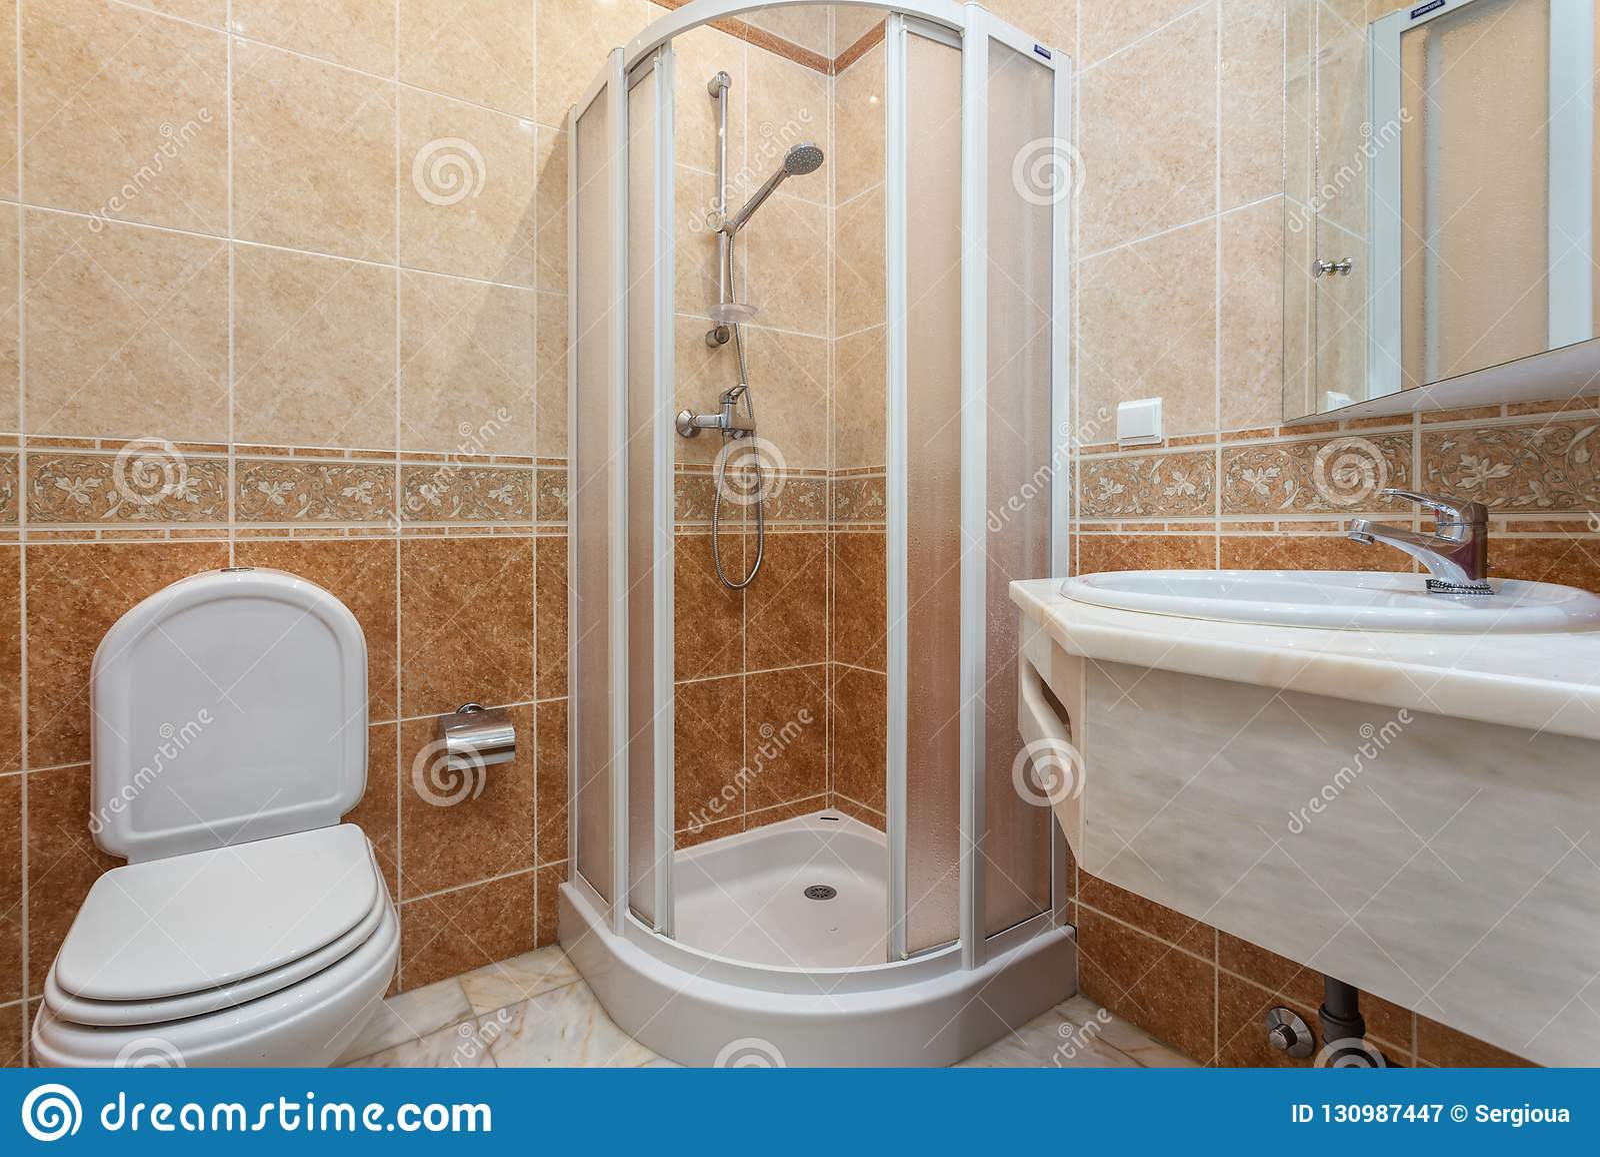 Design D Interieur De Salle De Bain Toilette